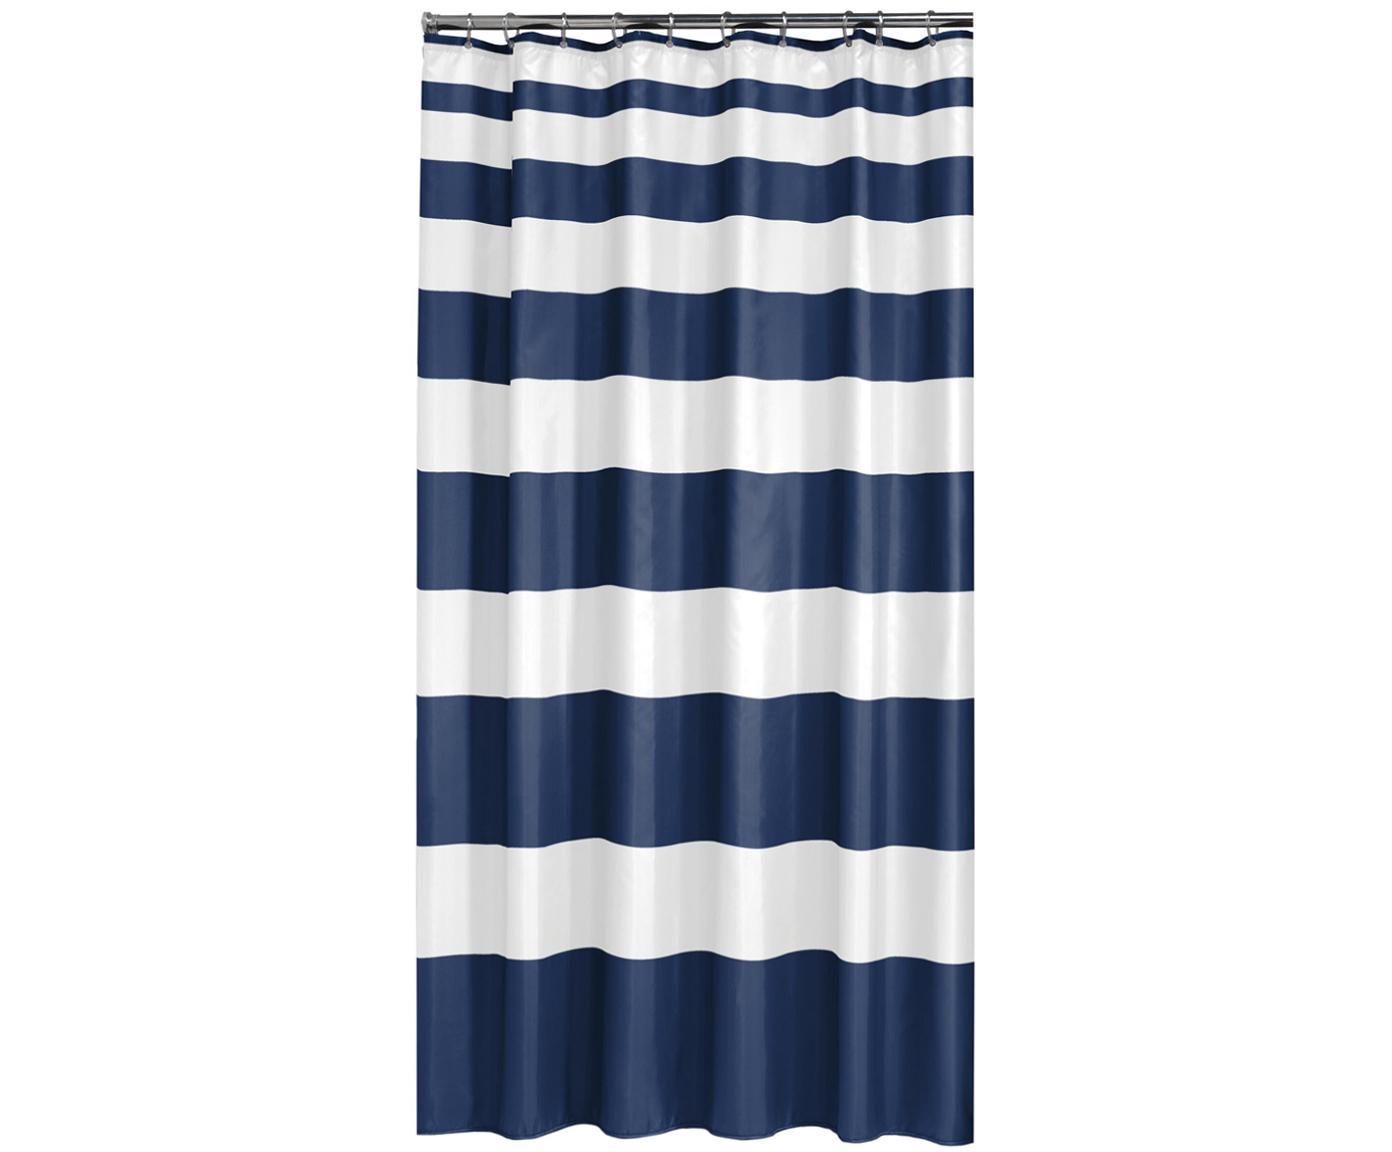 Duschvorhang Nautica mit Blockstreifen, 100% Polyester Wasserabweisend, nicht wasserdicht, Blau, Weiß, 180 x 200 cm